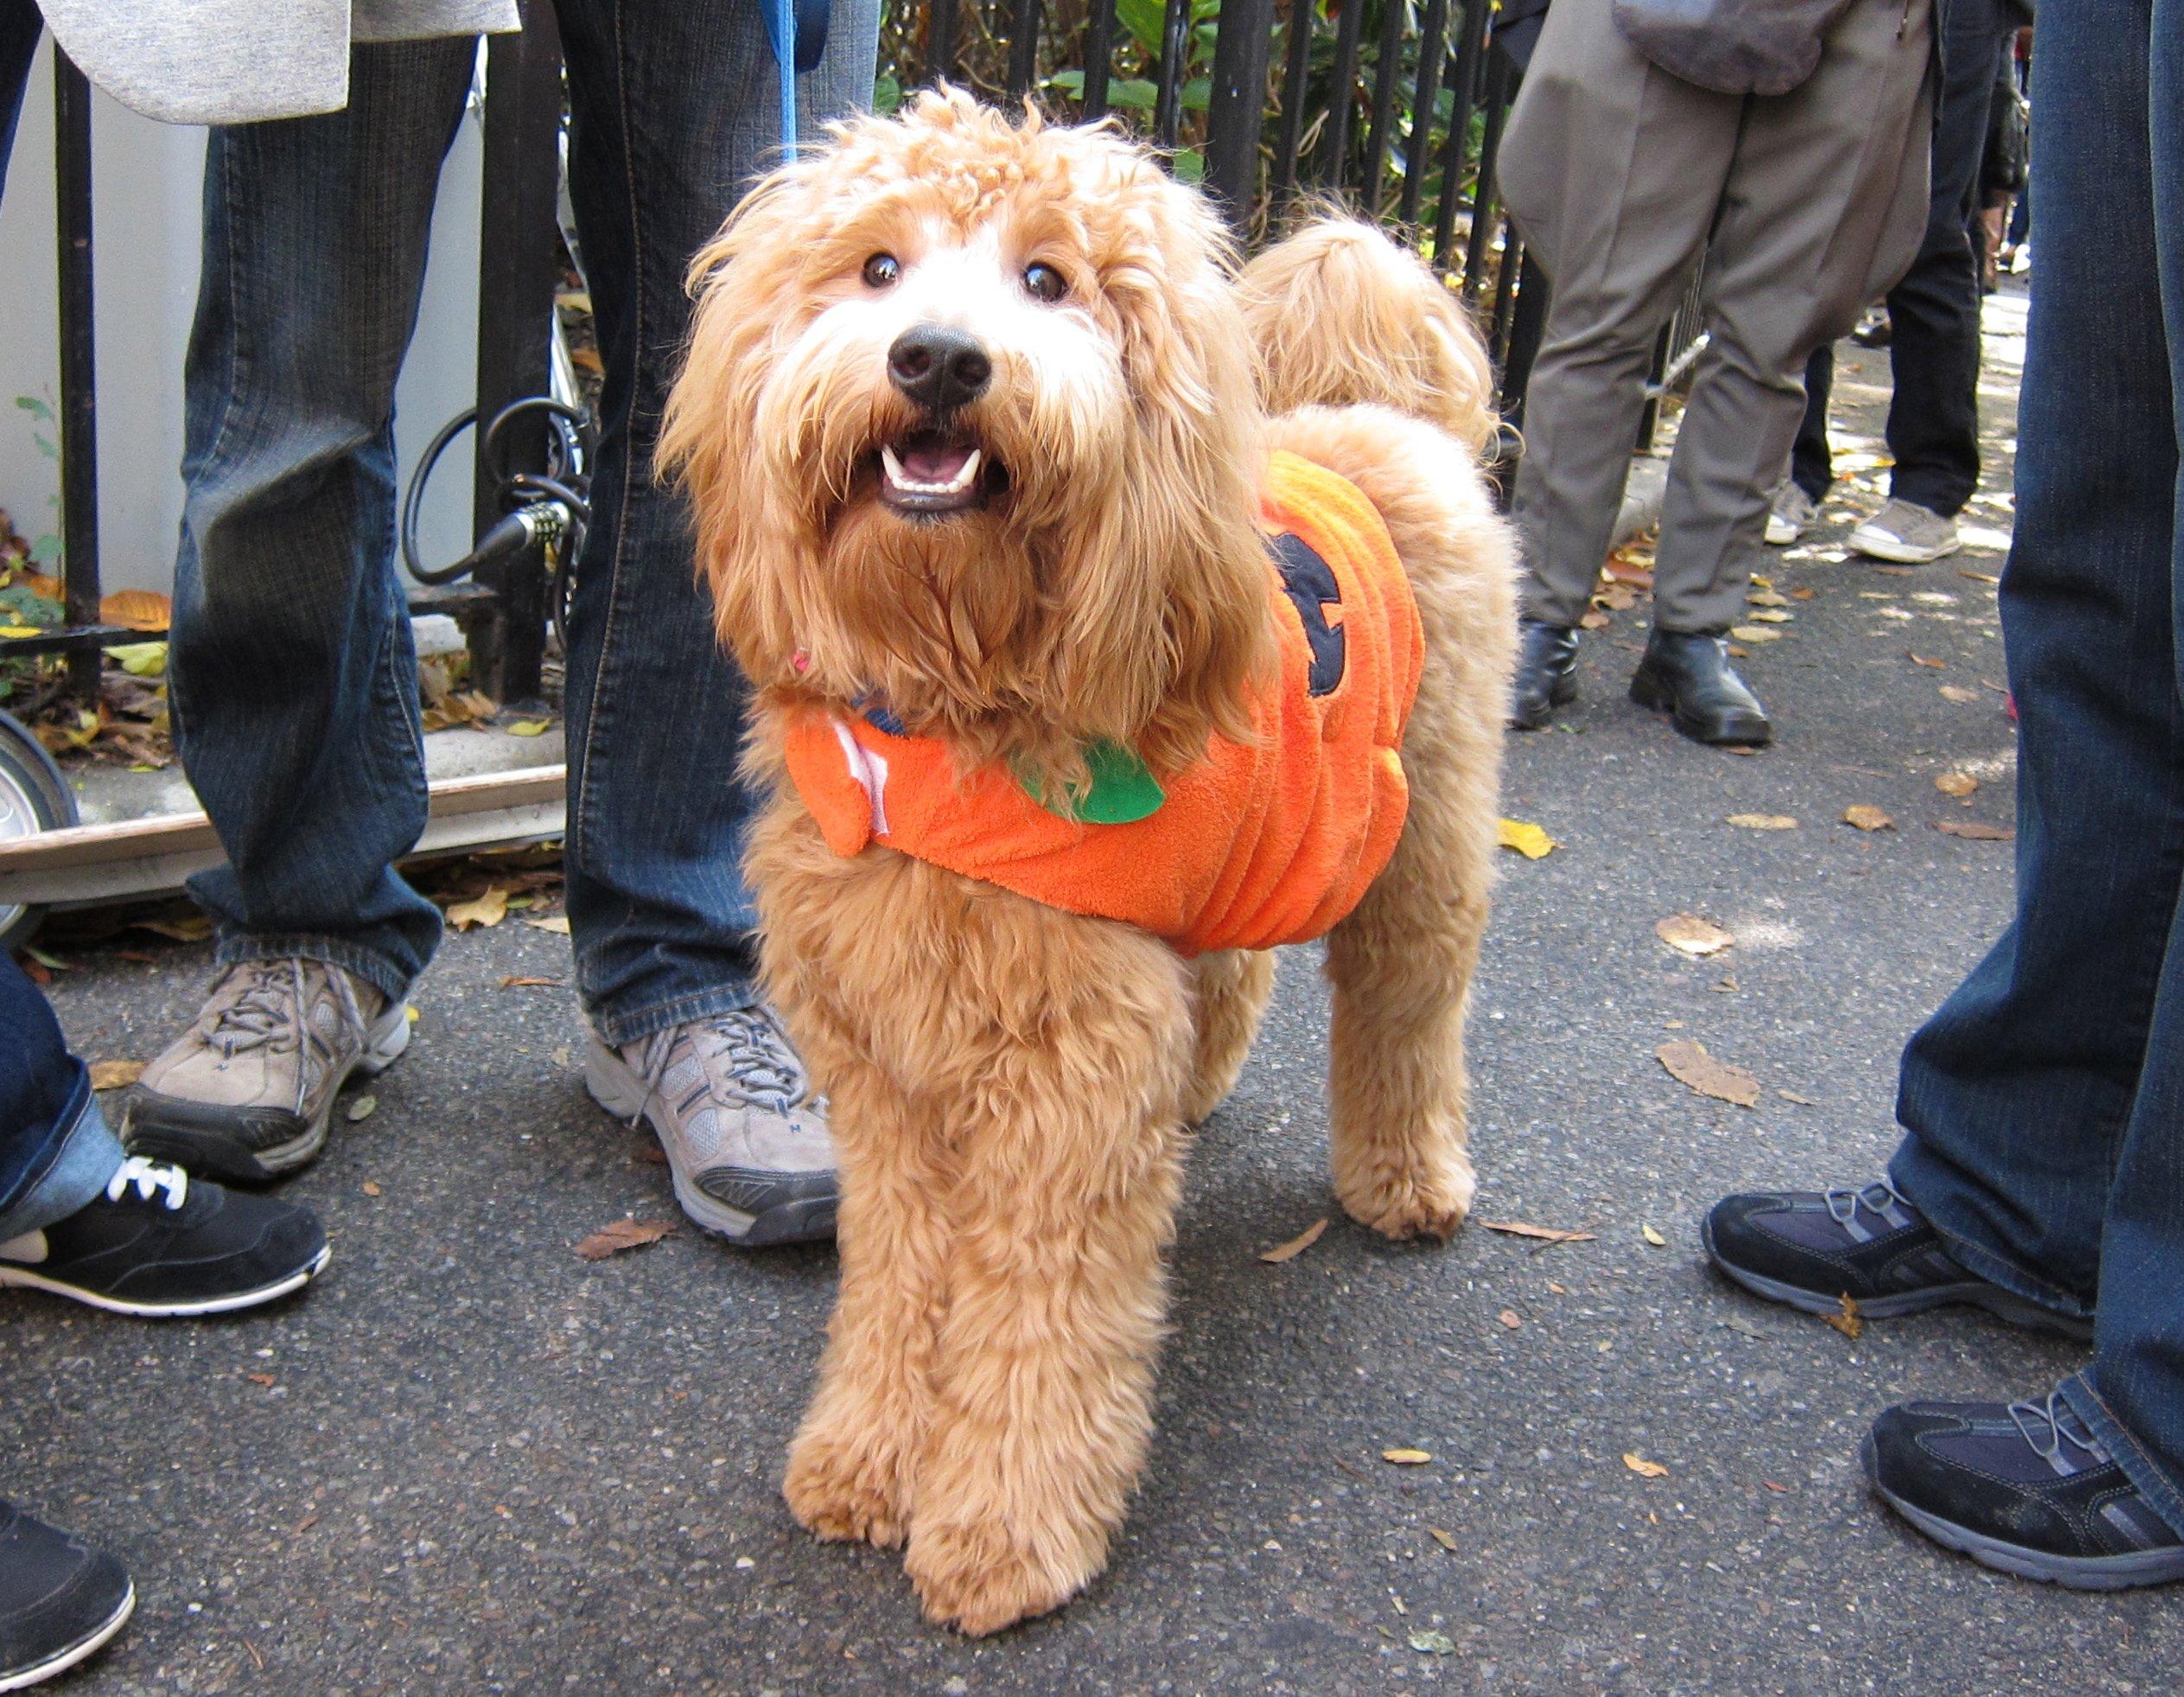 What a cute fluffy pumpkin!   Animals Zone